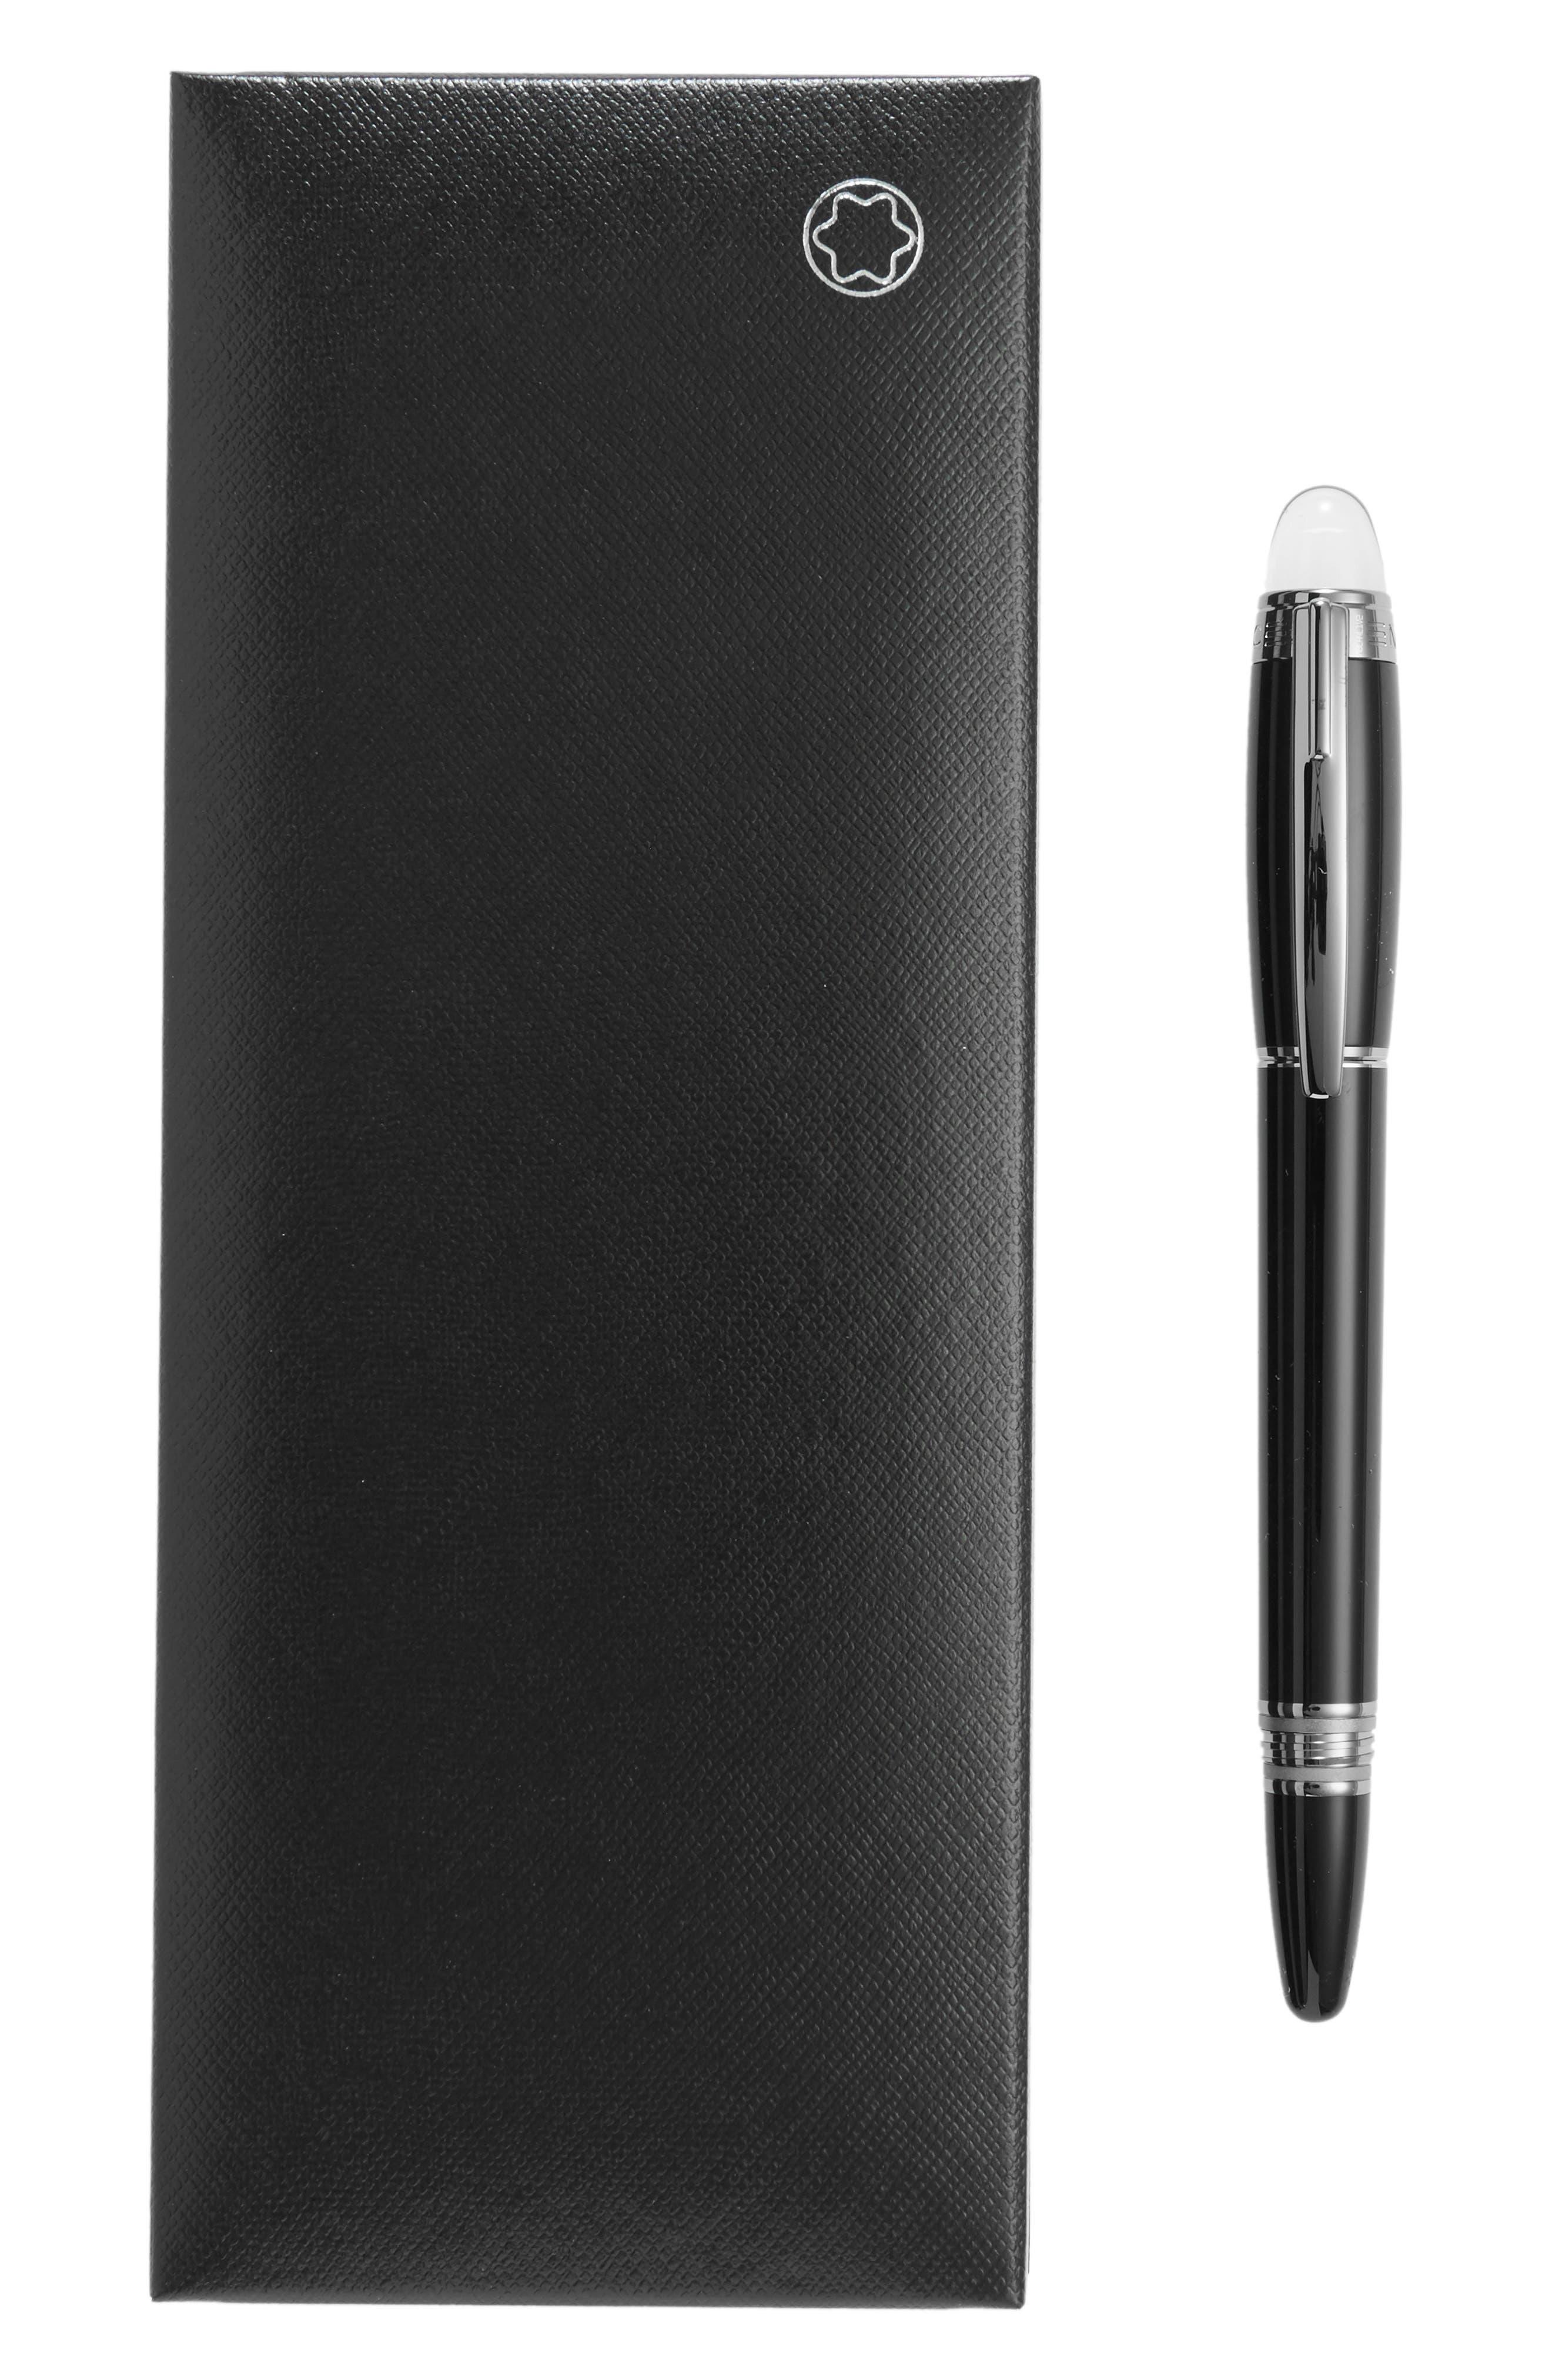 MONTBLANC StarWalker Midnight Black Fineliner Pen